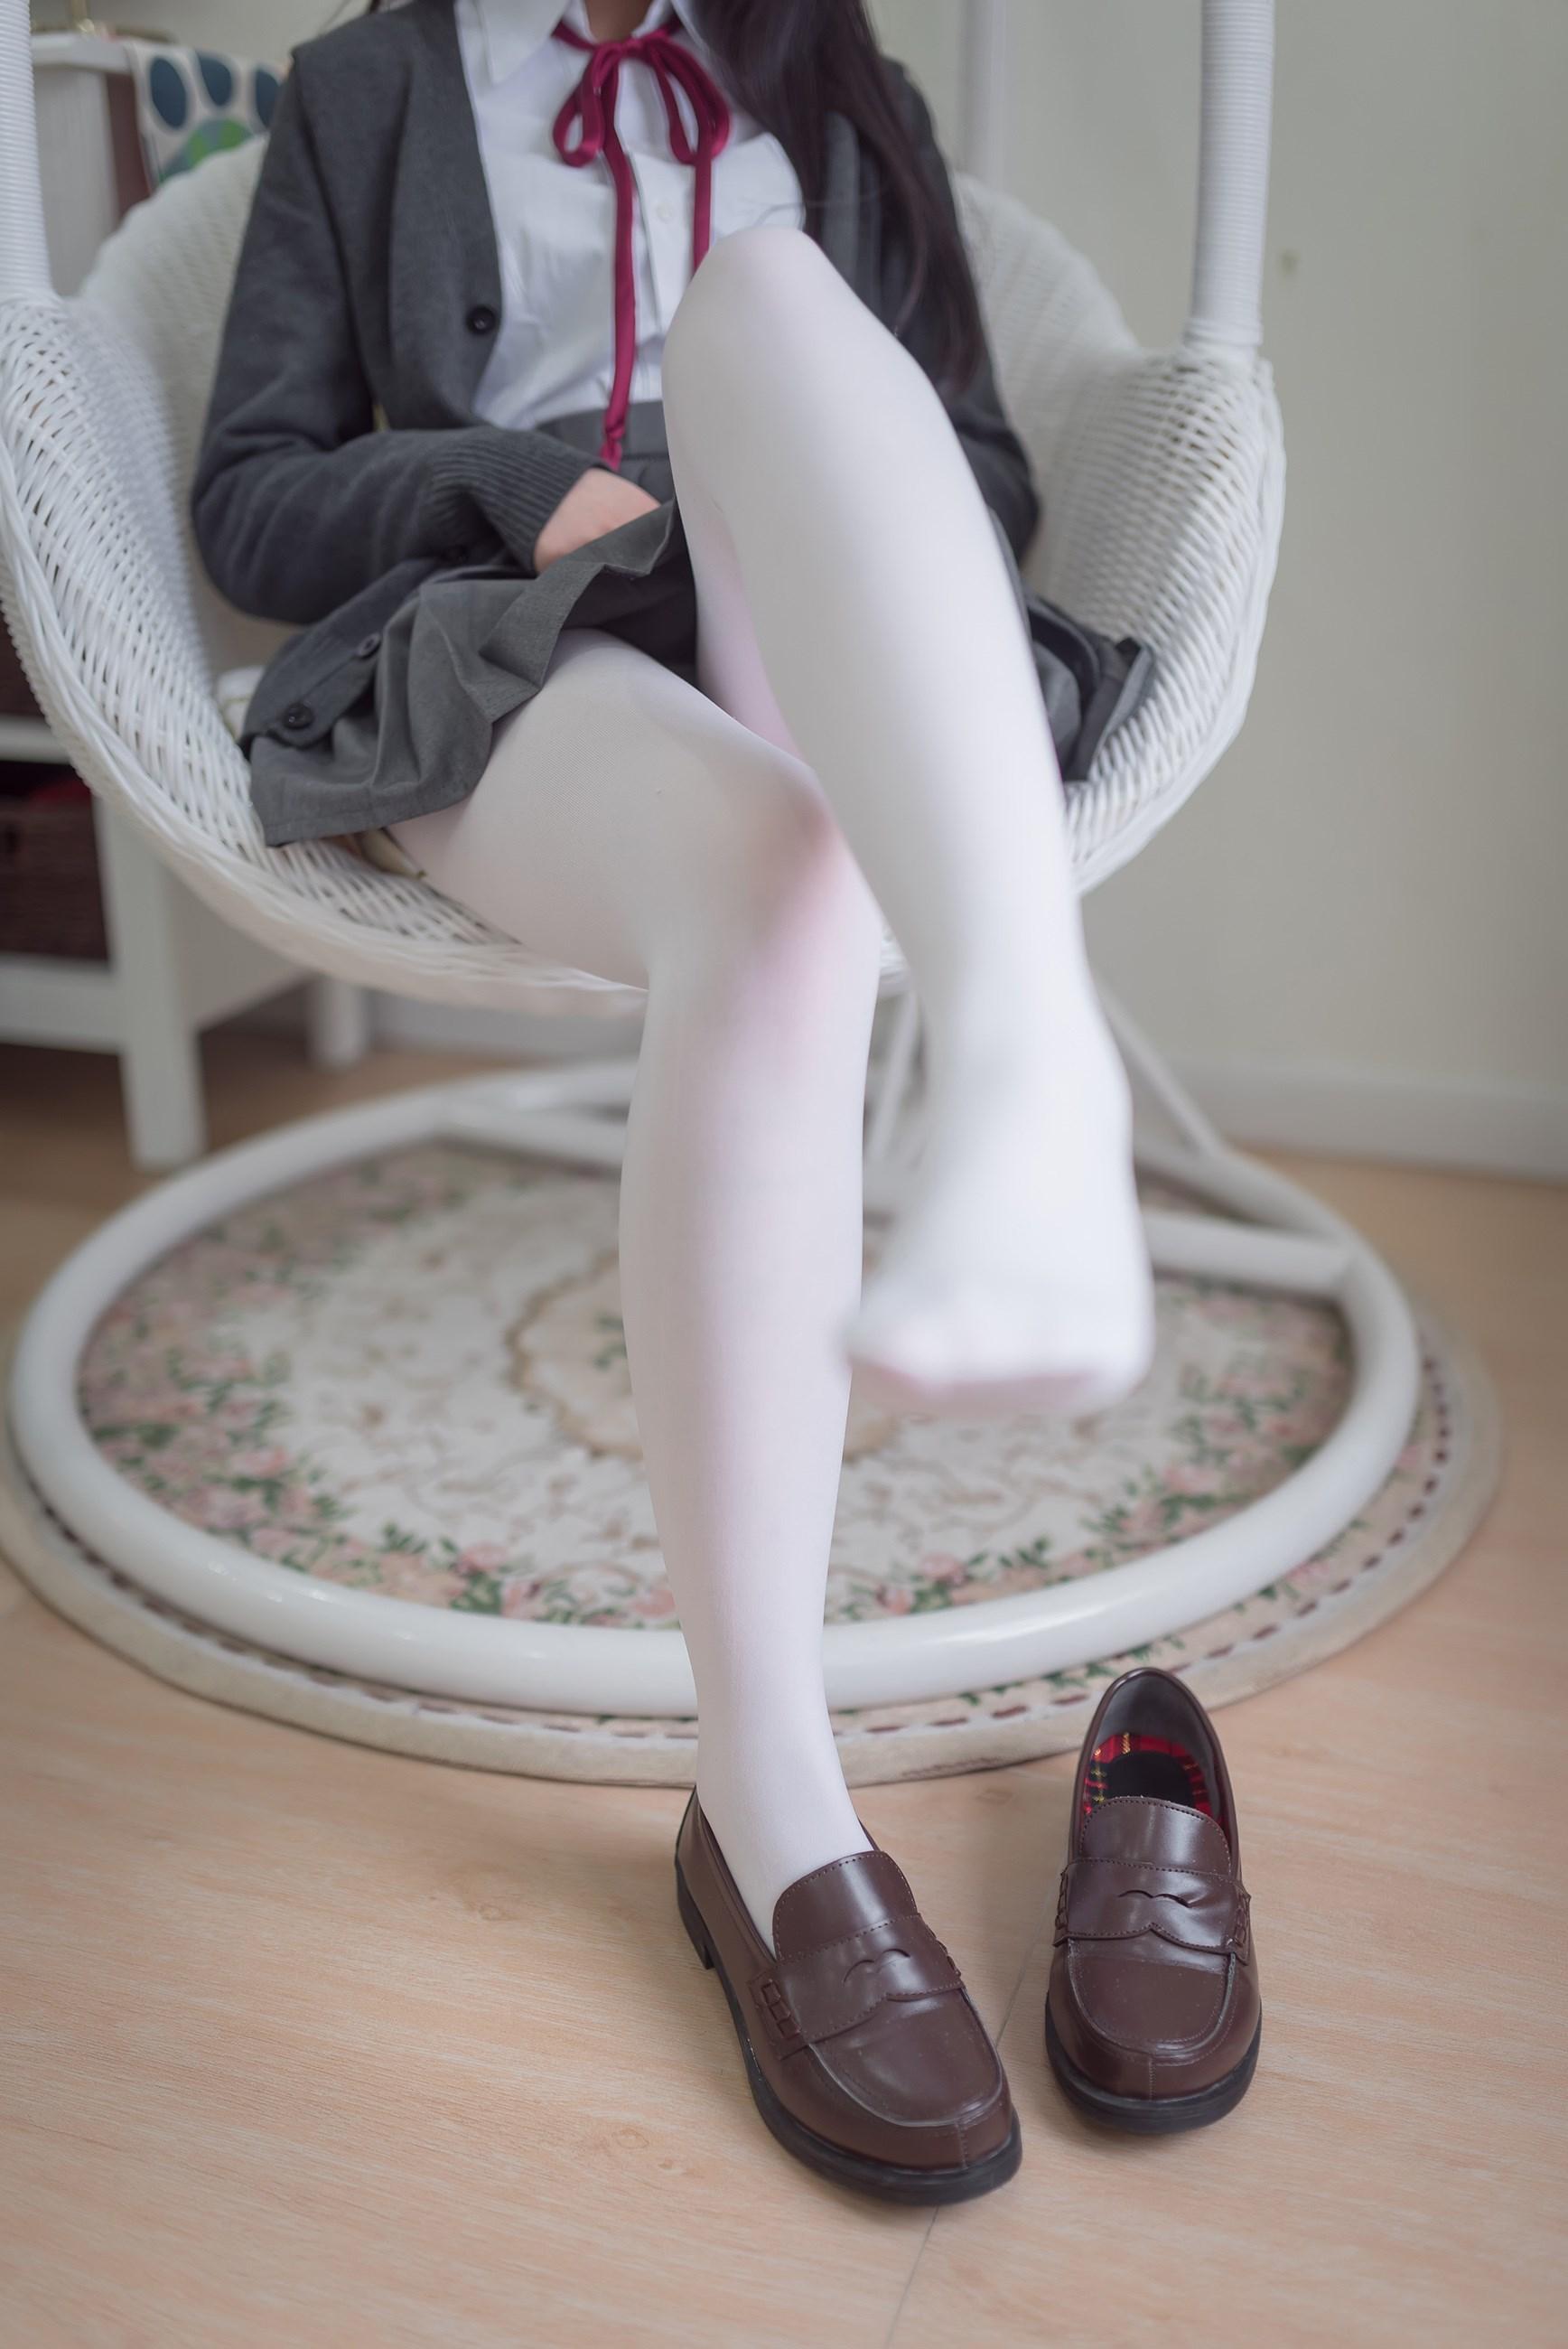 【兔玩映画】白丝JK 兔玩映画 第1张